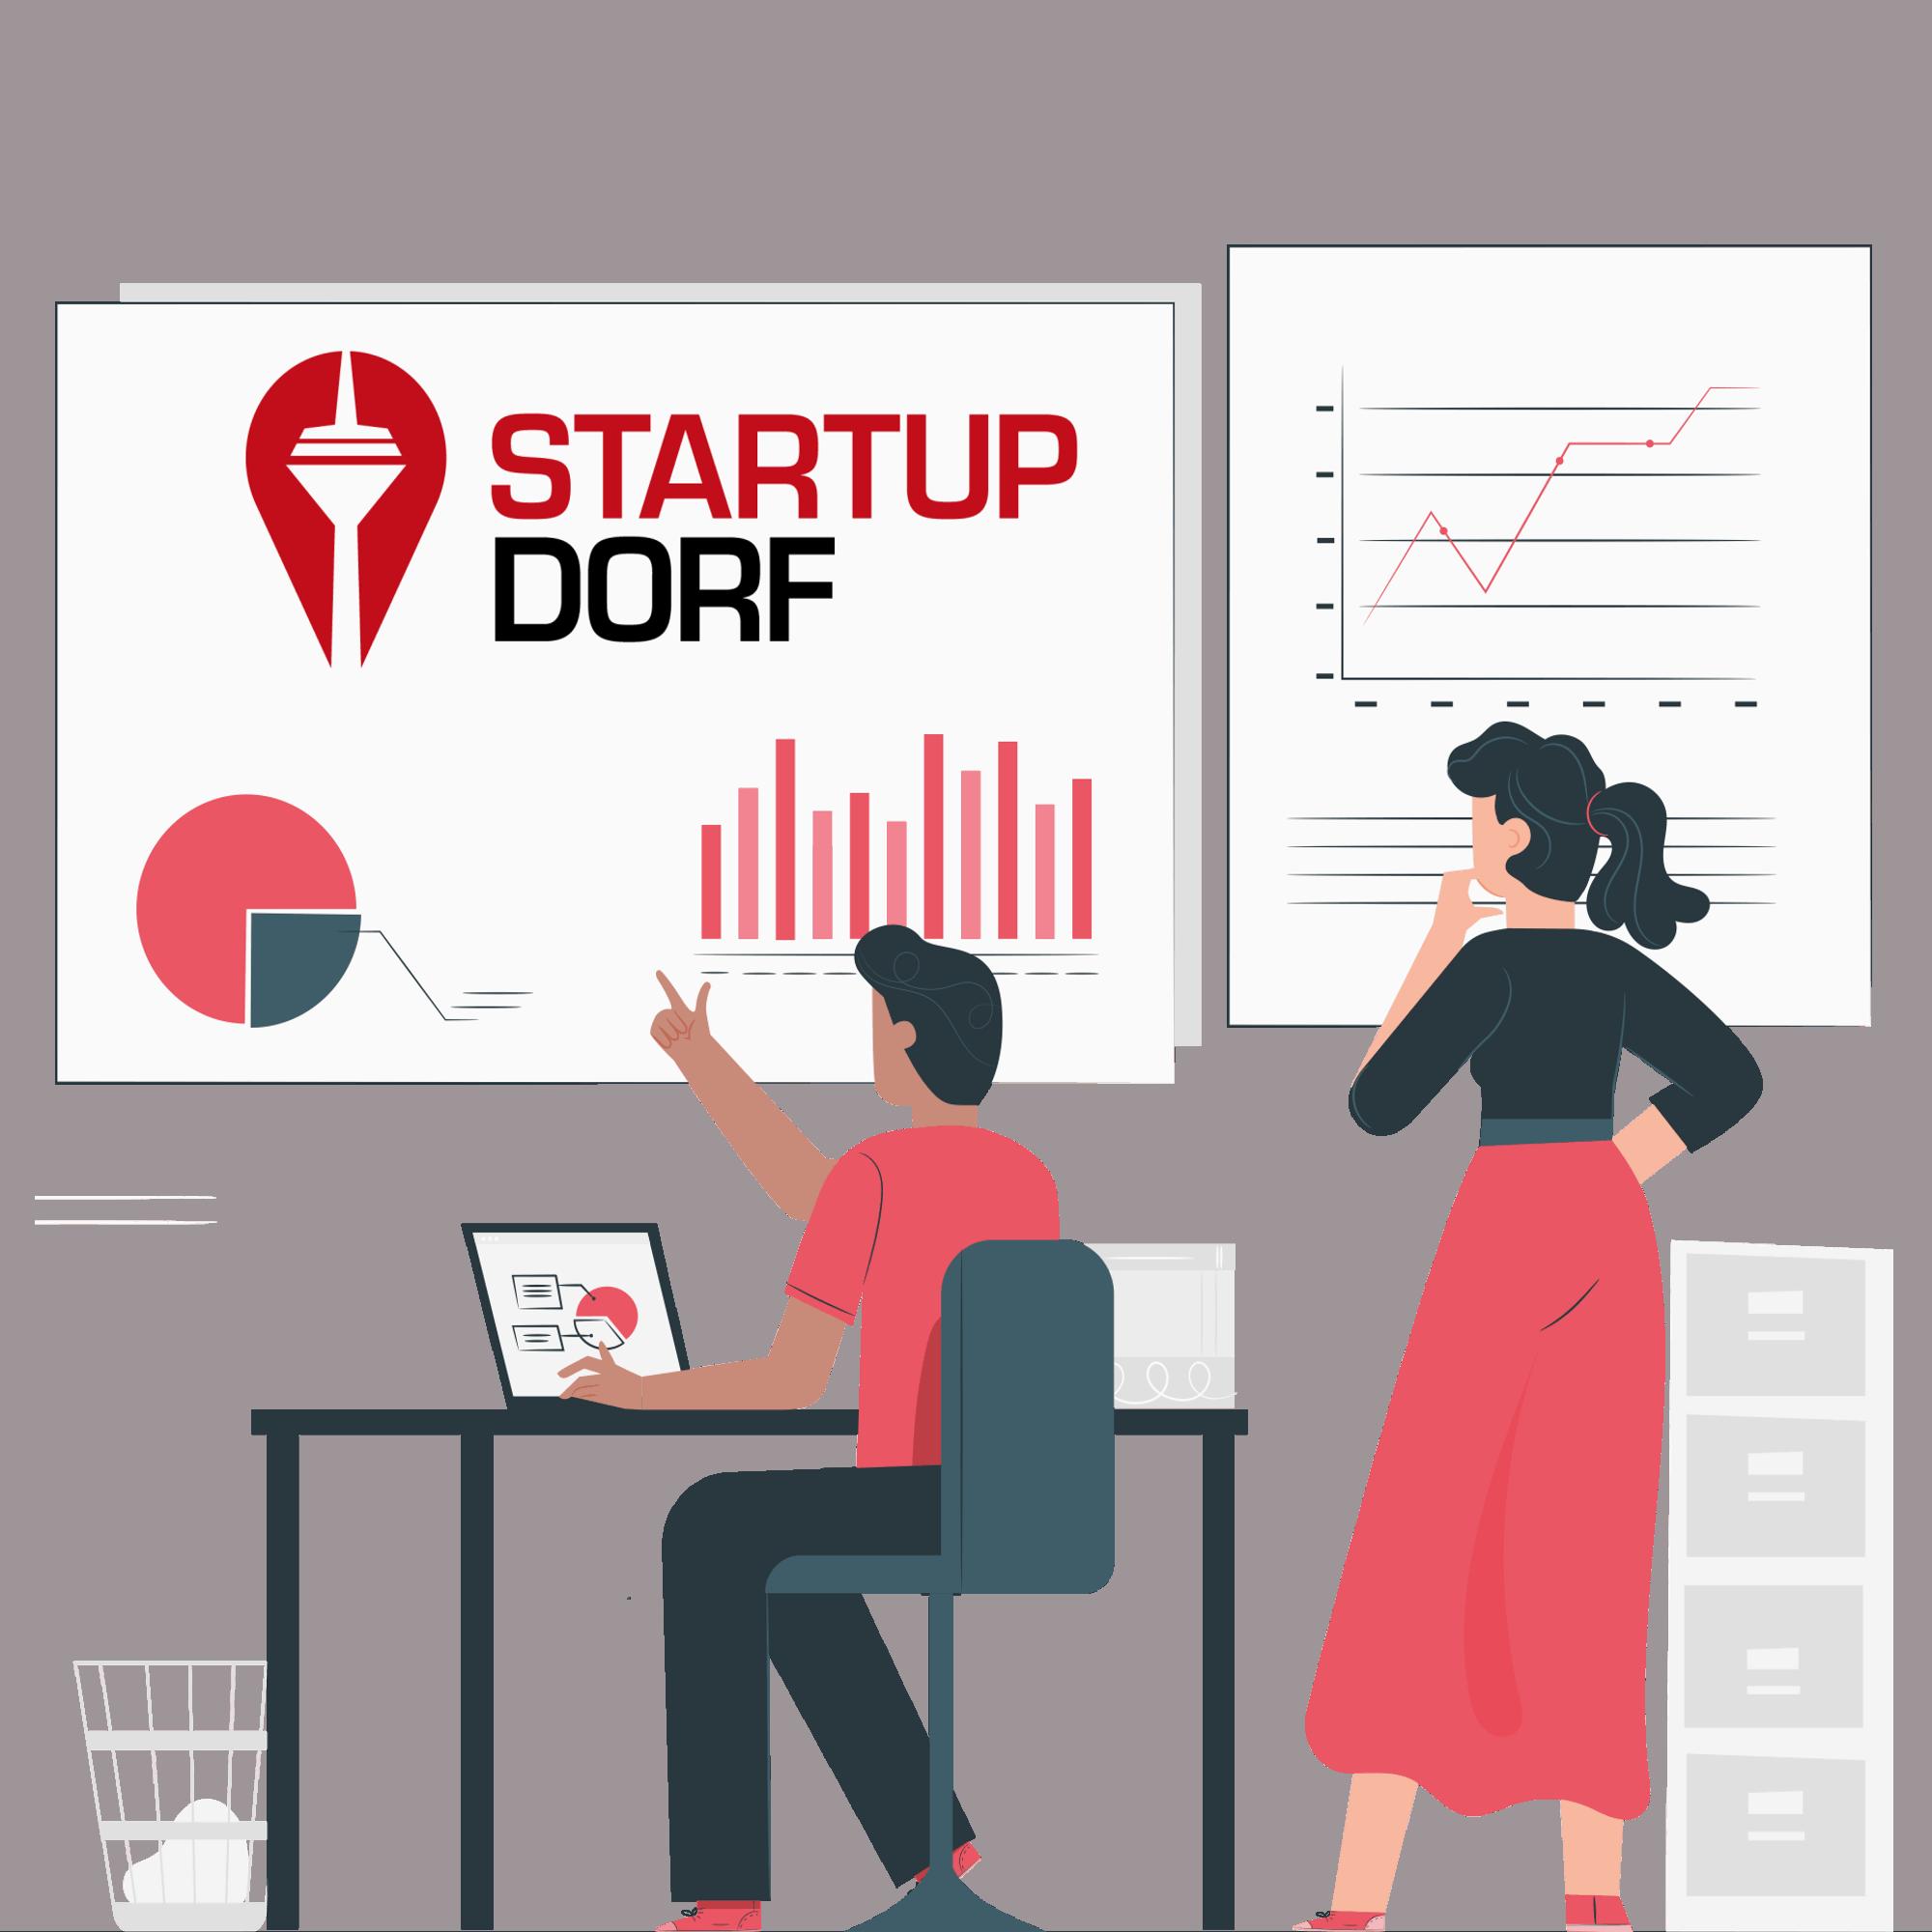 https://www.startupdorf.de/wp-content/uploads/2020/11/aa2a.png